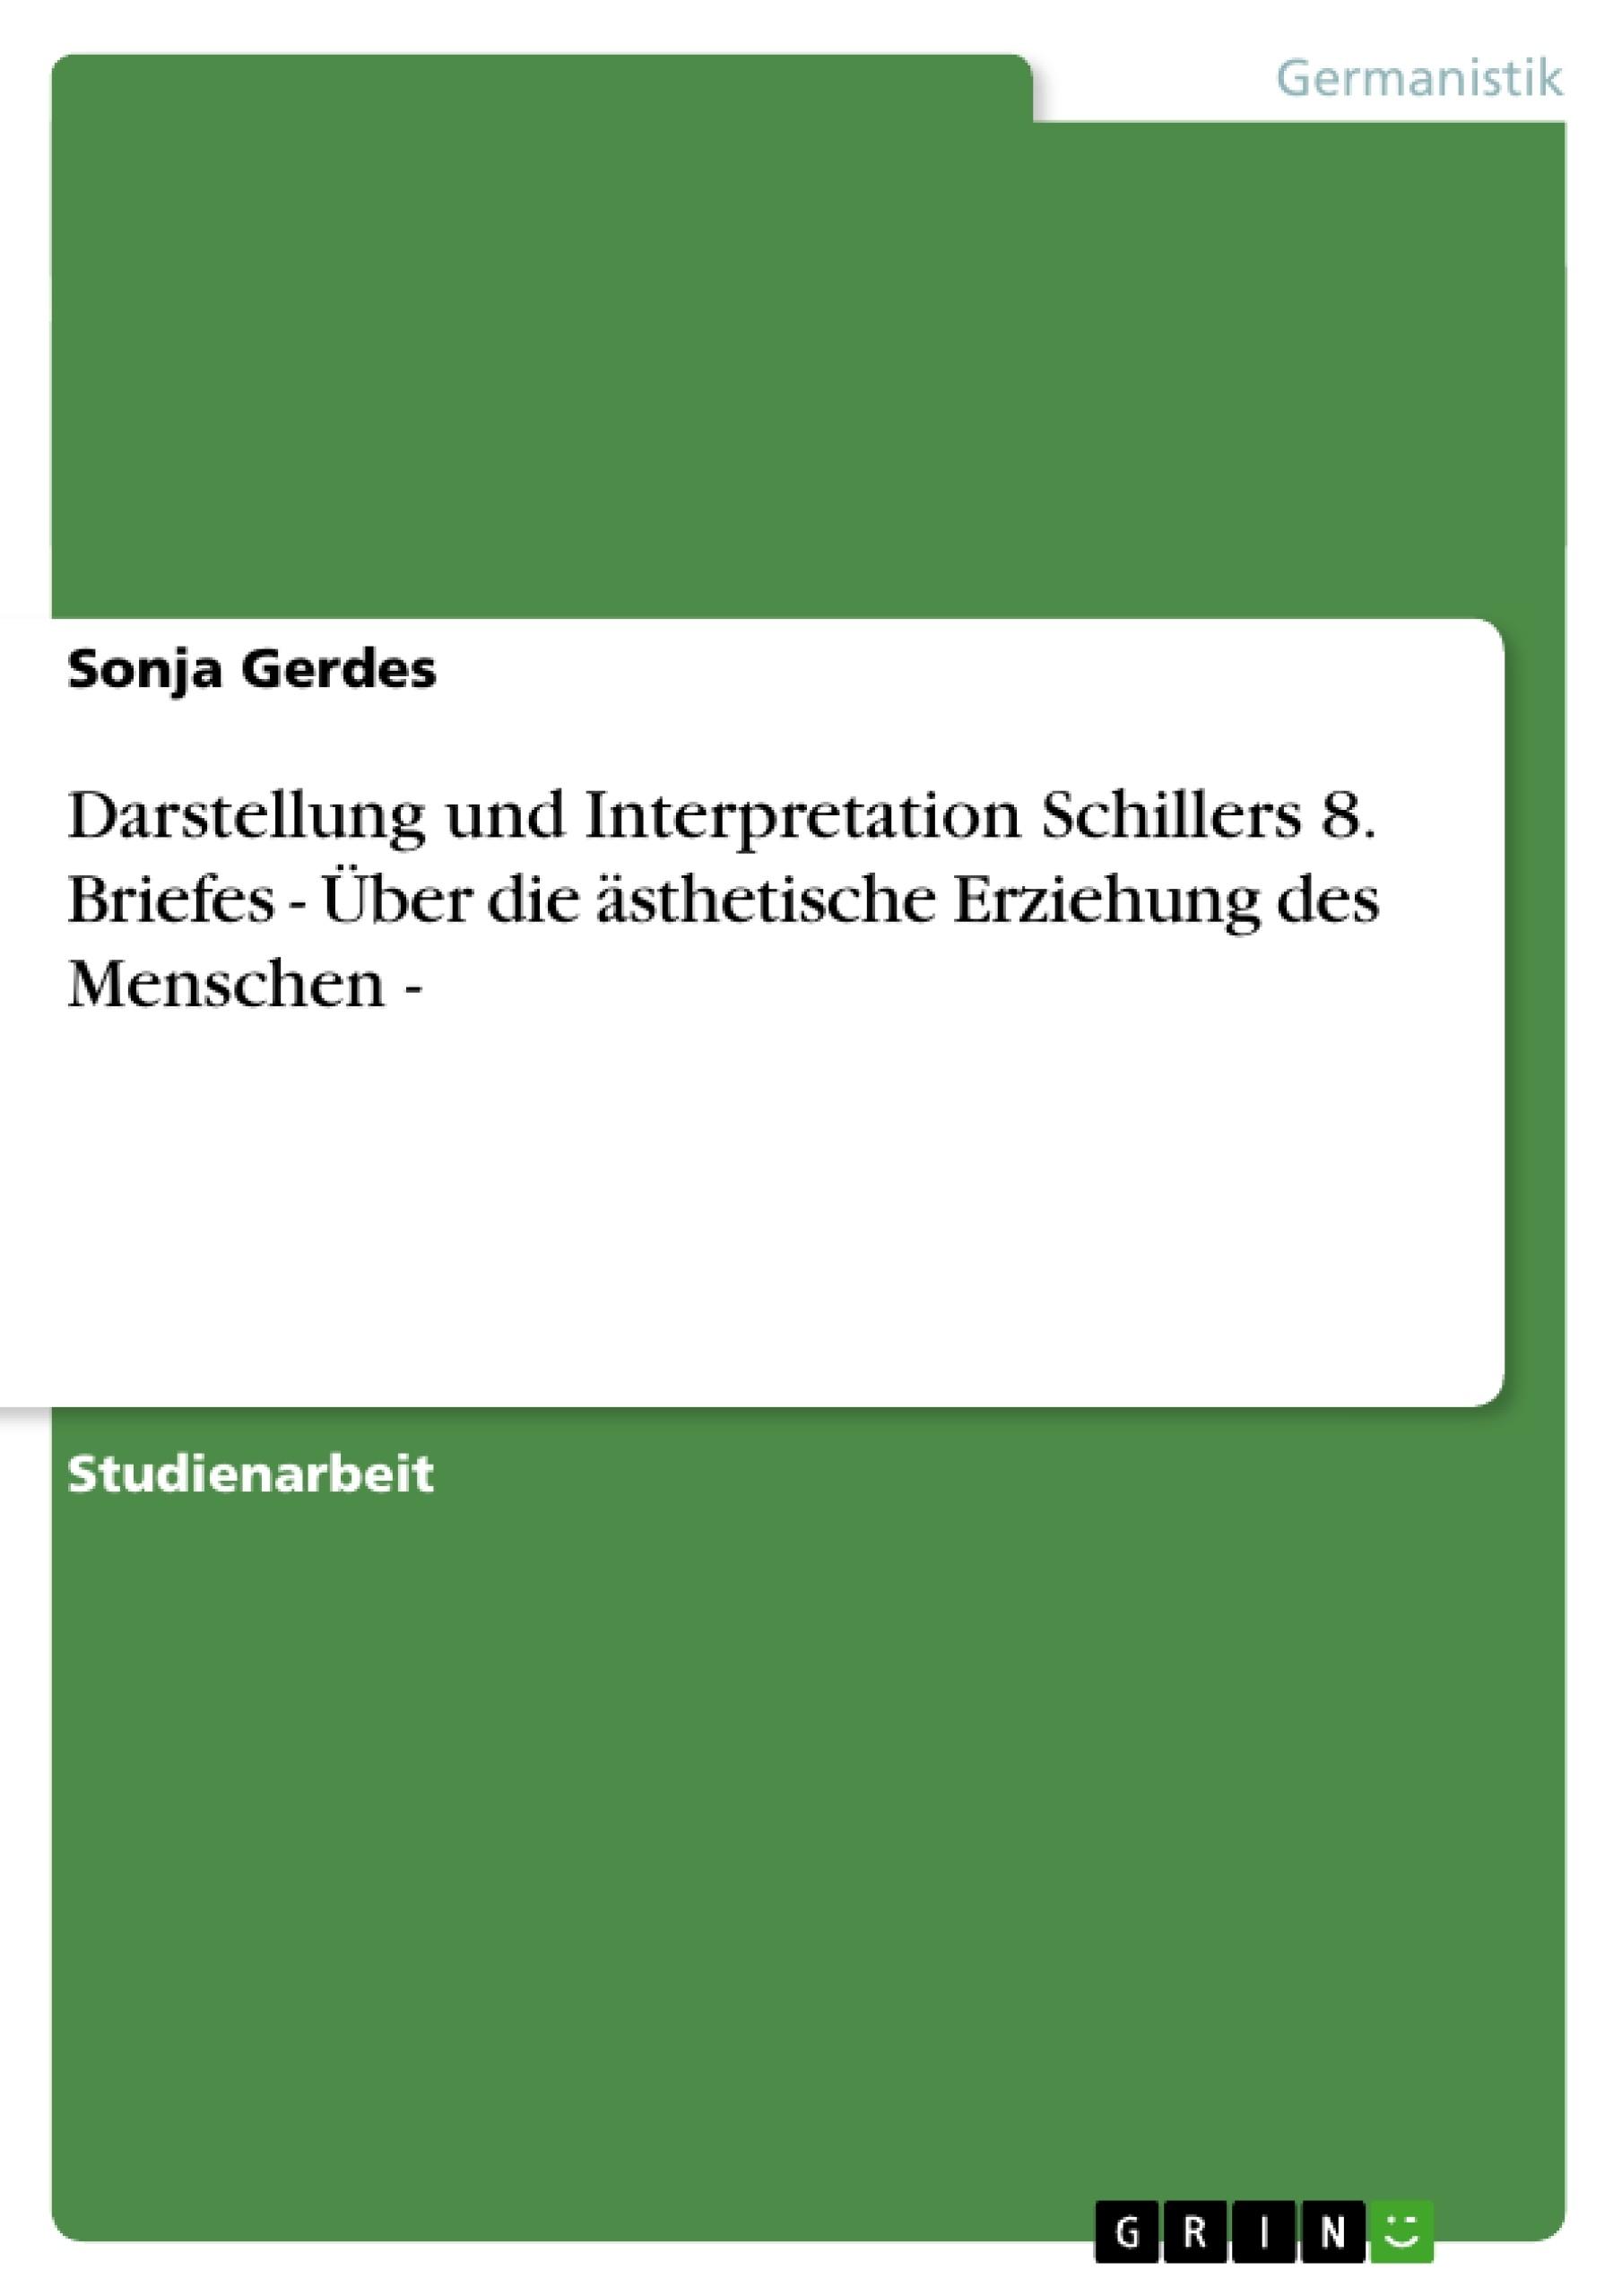 Titel: Darstellung und Interpretation Schillers 8. Briefes - Über die ästhetische Erziehung des Menschen -